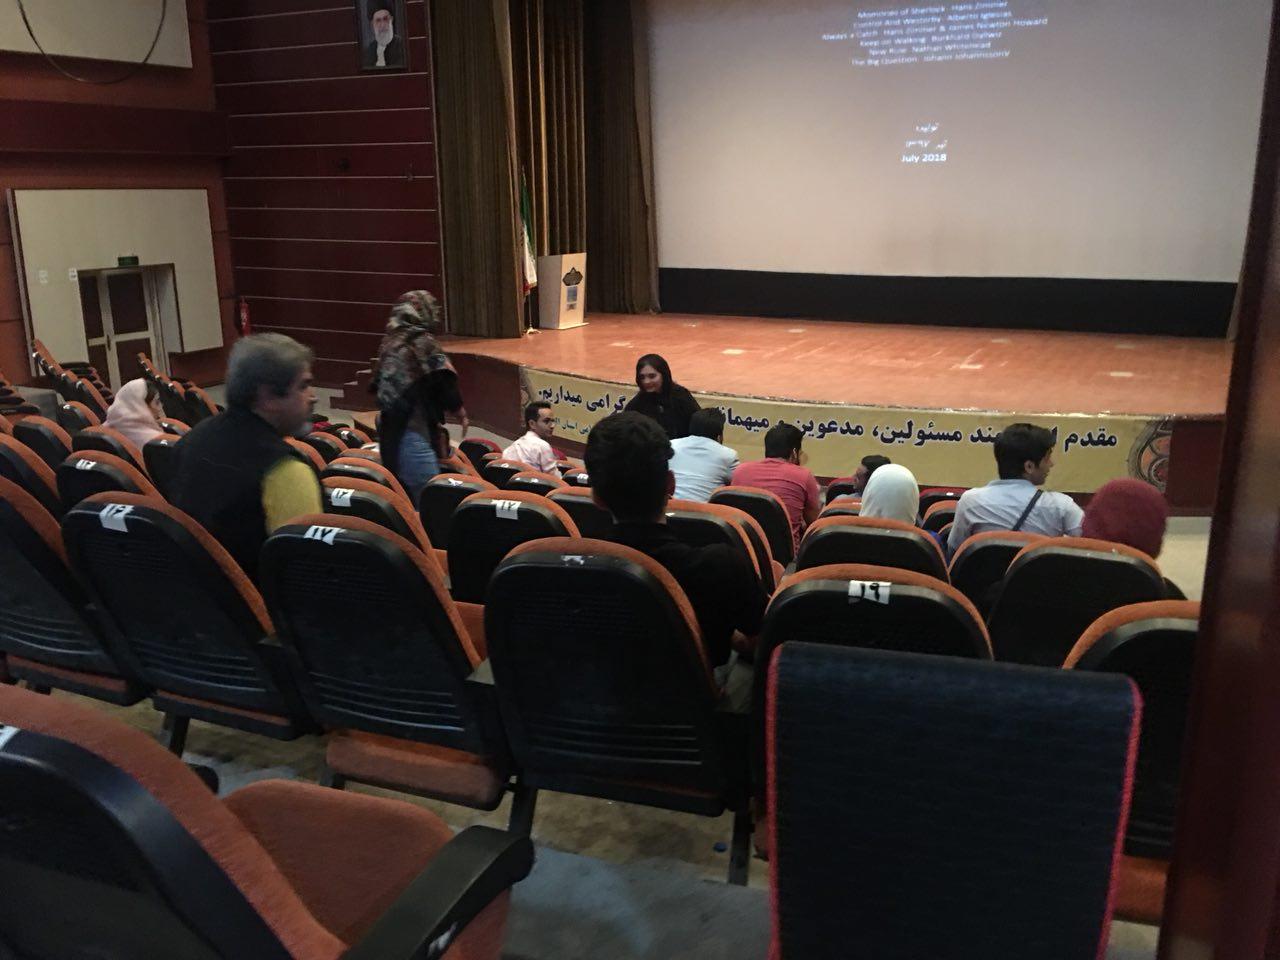 ششمین پاتوق فیلم کوتاه در کرج برگزار شد.